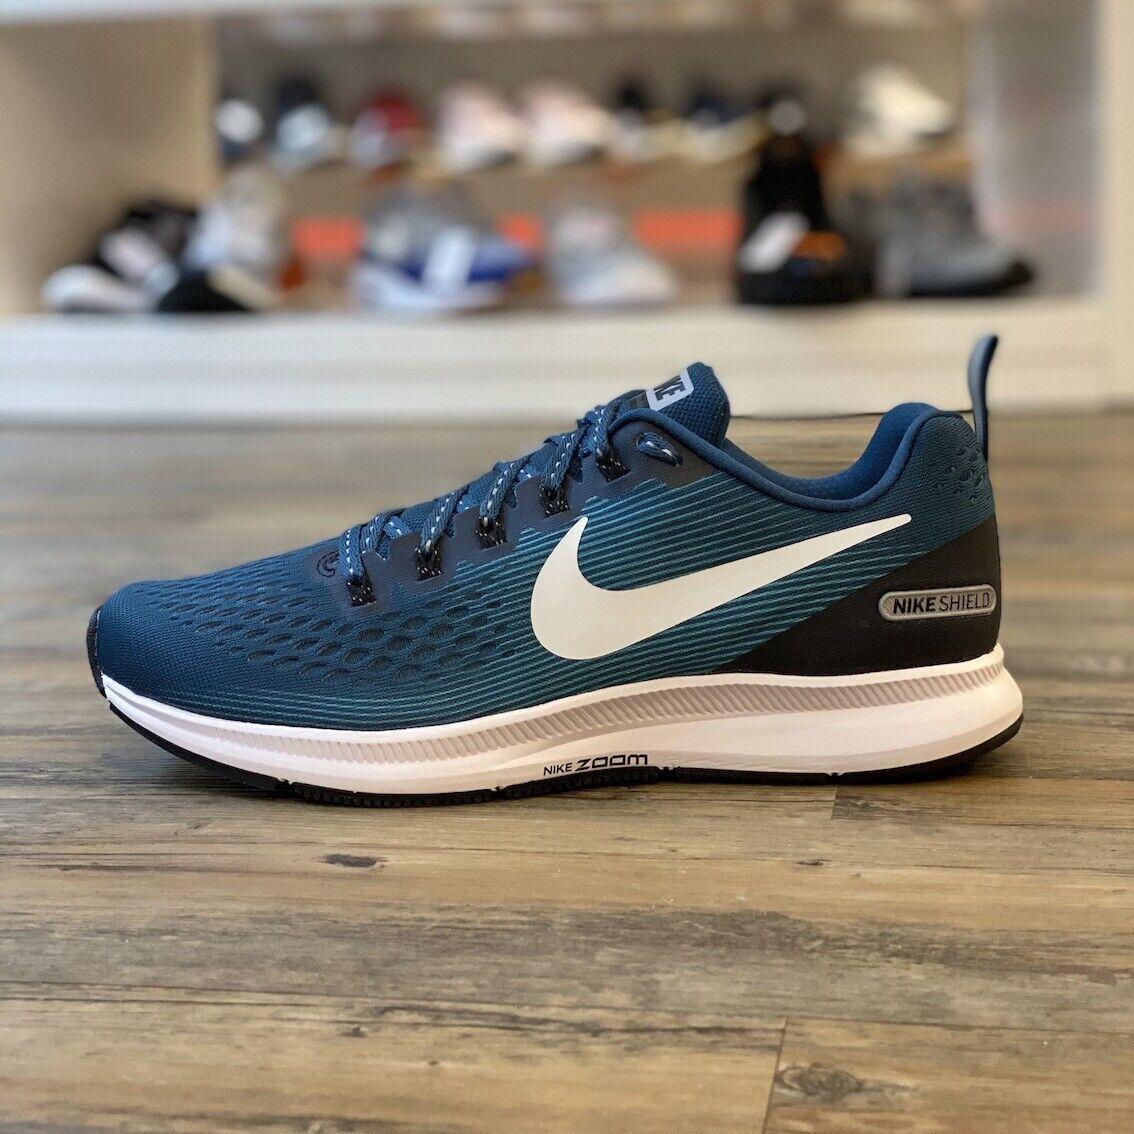 Nike 34 Retro Classic grün 991 AO1402 Schuhe Turnschuhe Gr